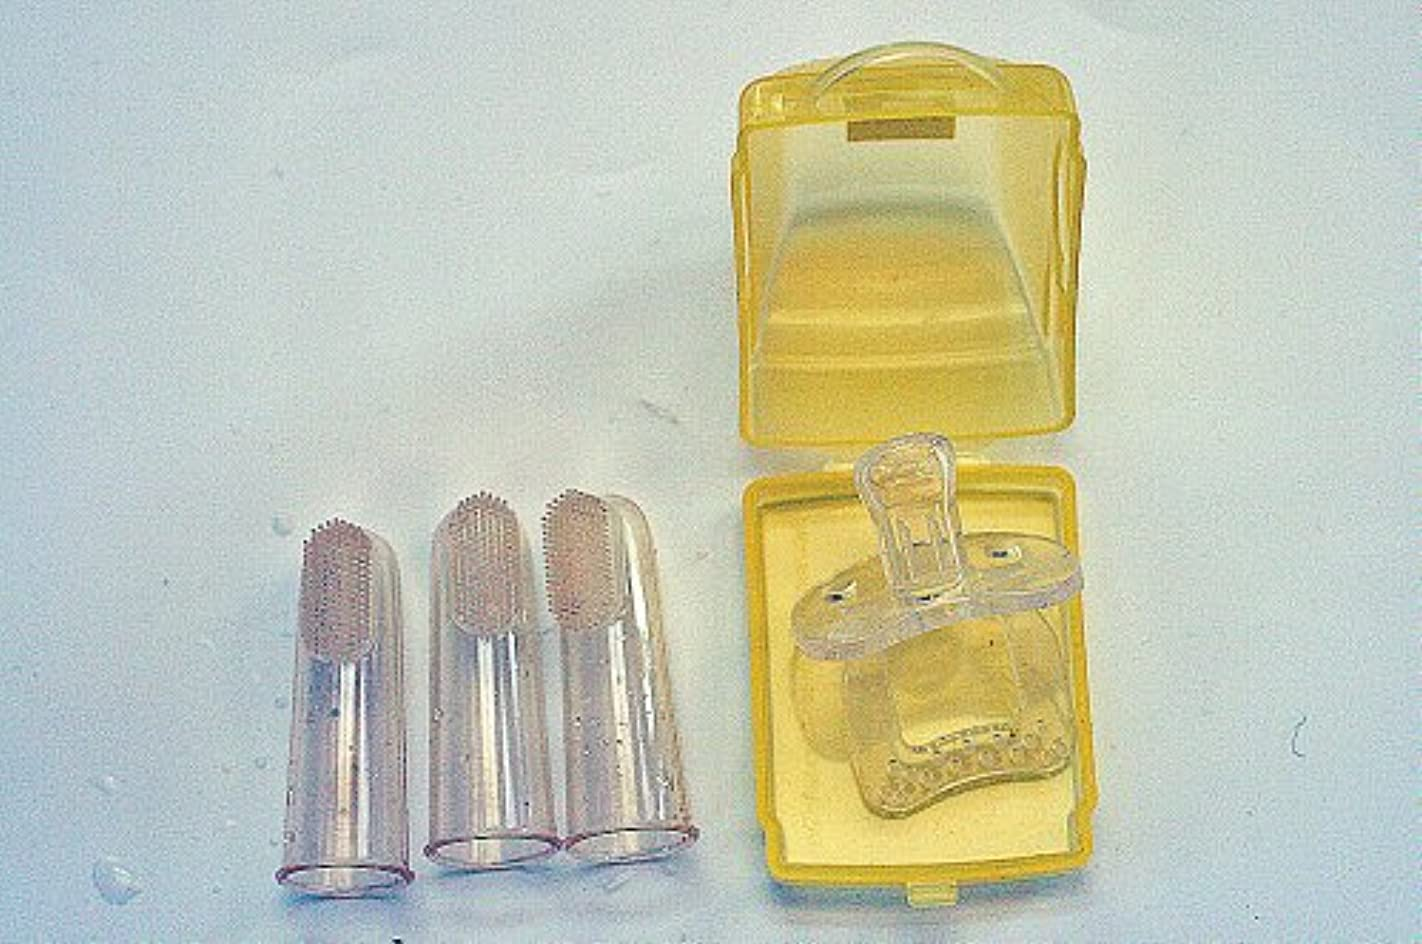 毒アプトオフェンス歯ブラシ おしゃぶり ベビーソフト歯ブラシ3個セット/ シリコンおしゃぶりカーケース入り オーラルケアギフトセット 2種類組み